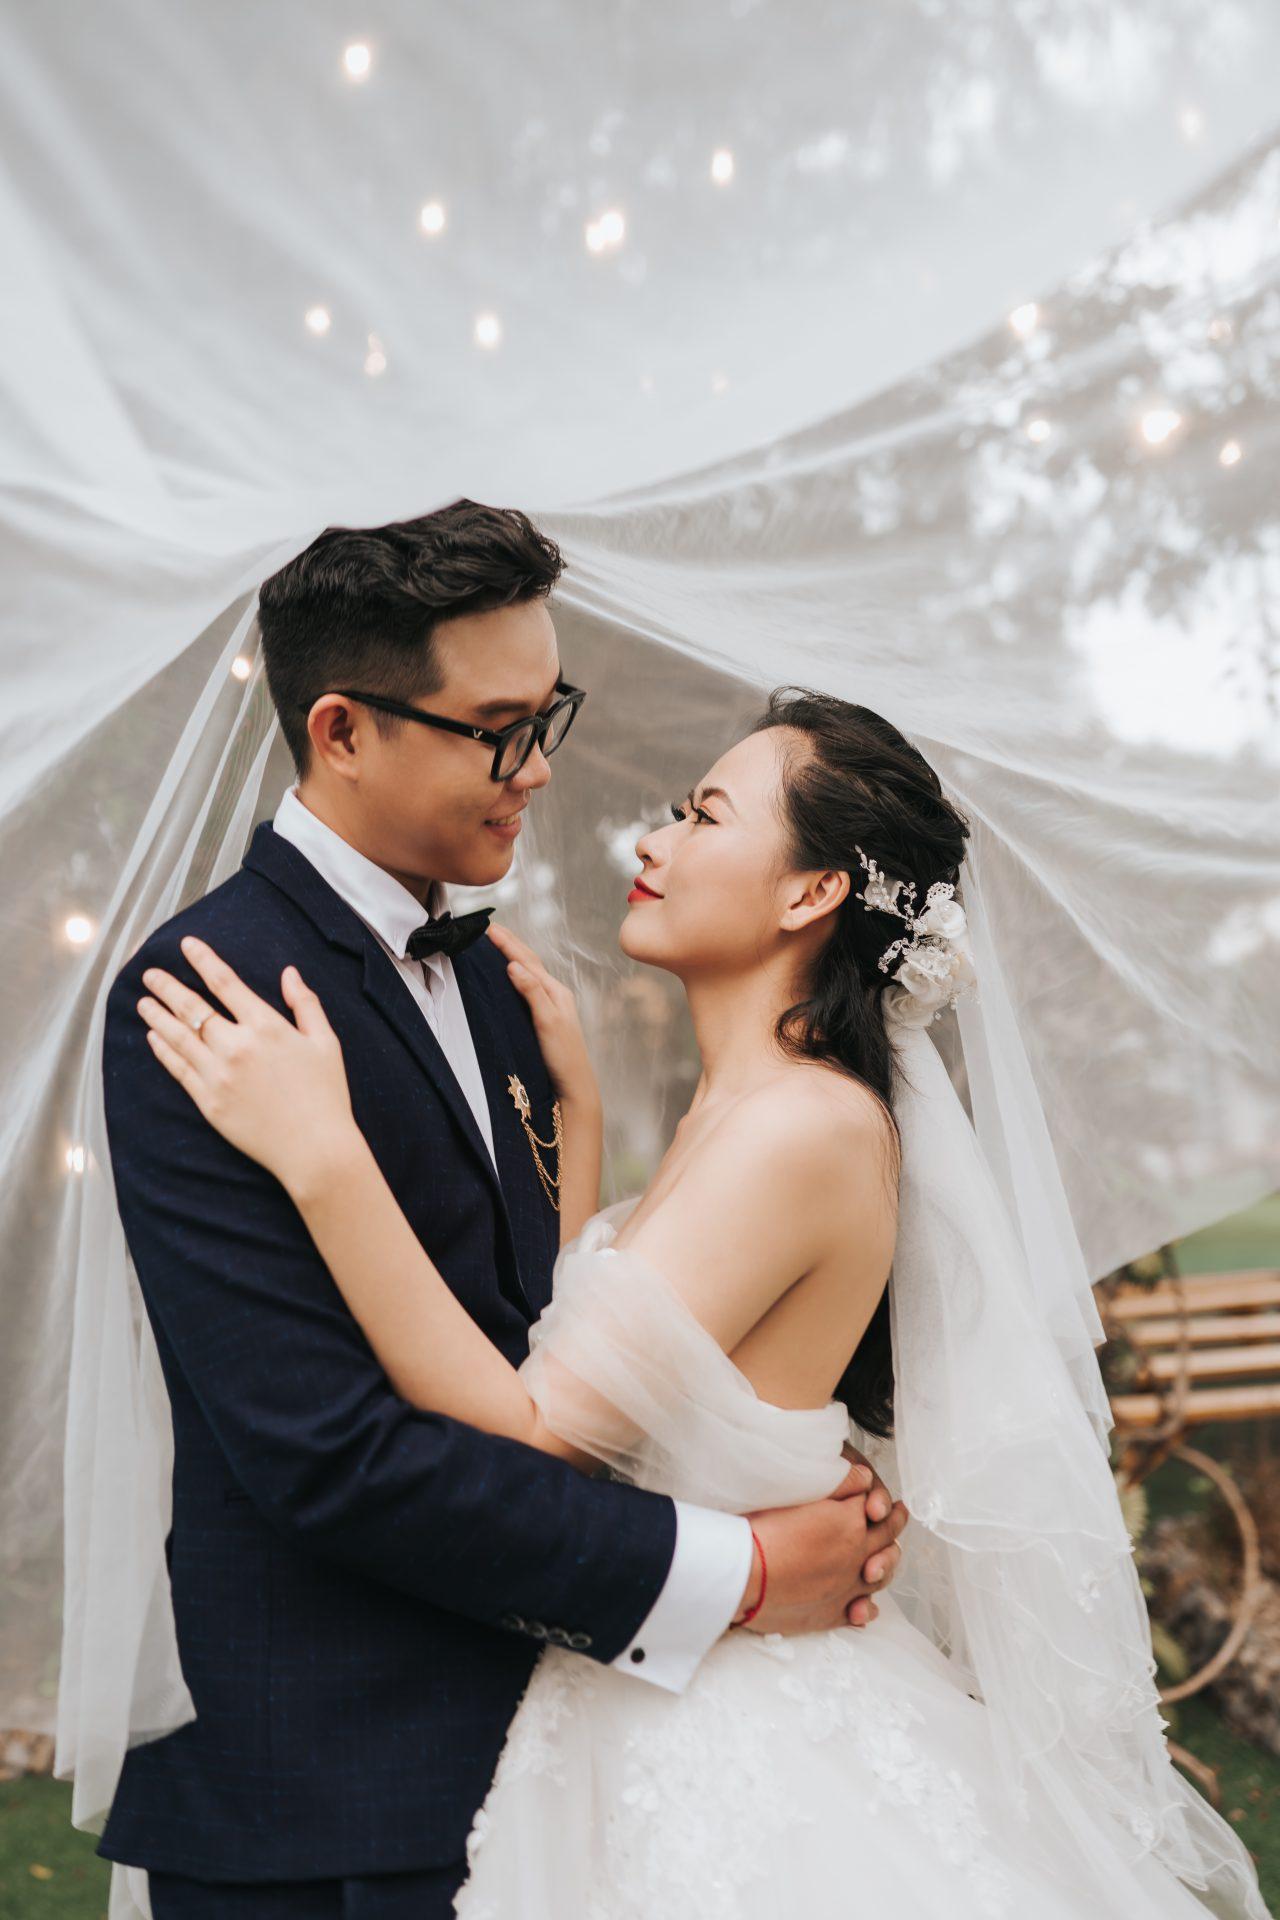 địa điểm chụp ảnh cưới đẹp